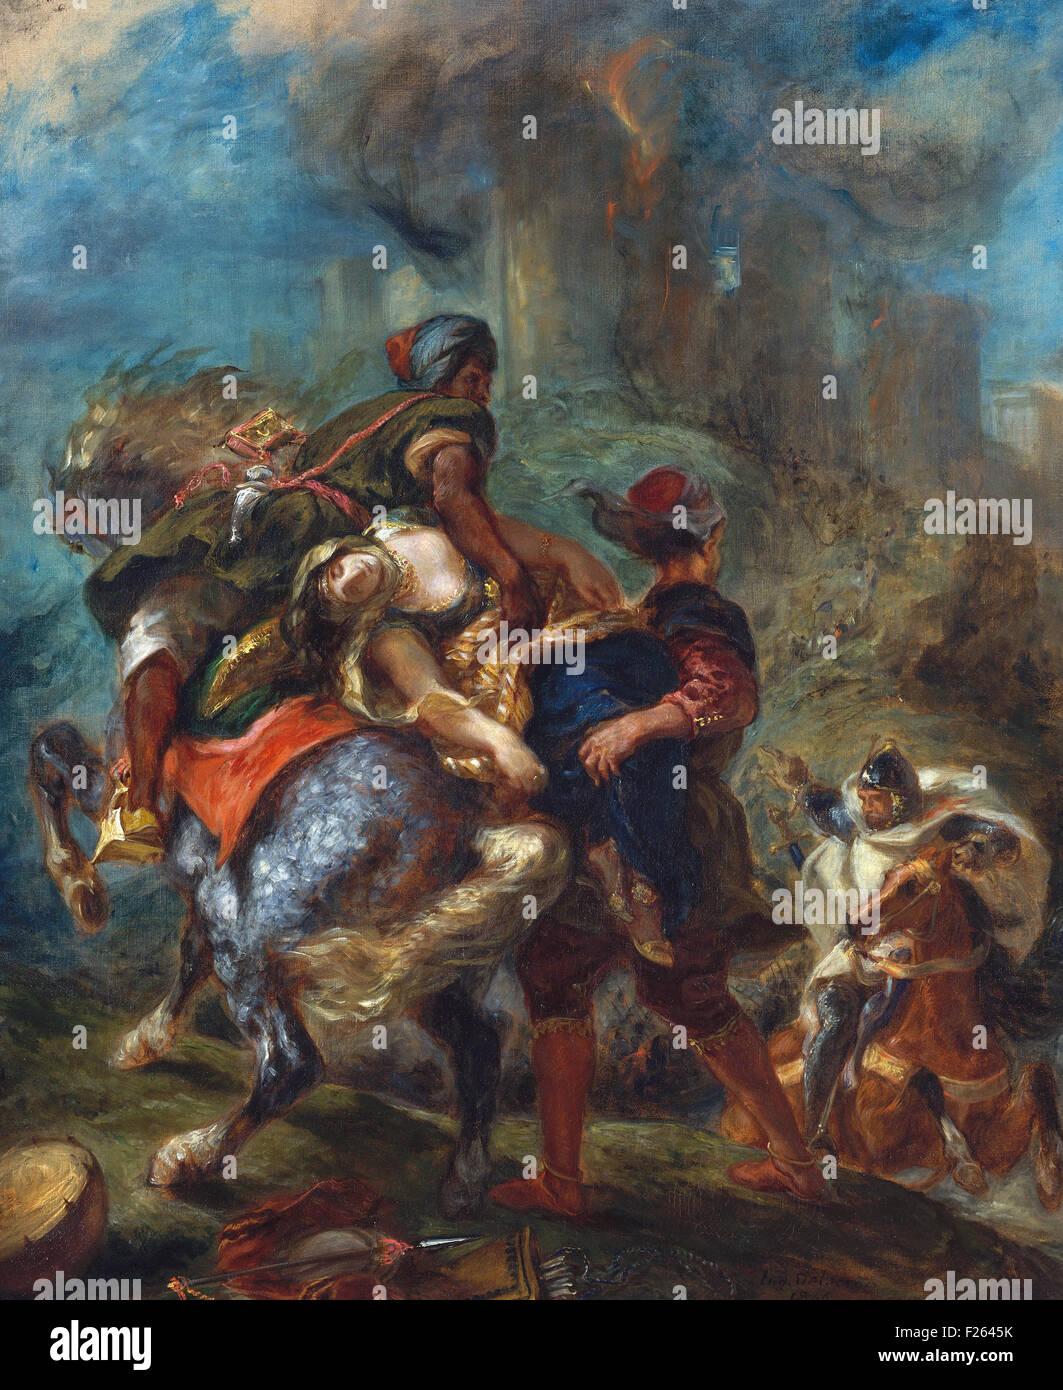 Eugène Delacroix - The Abduction of Rebecca - Stock Image